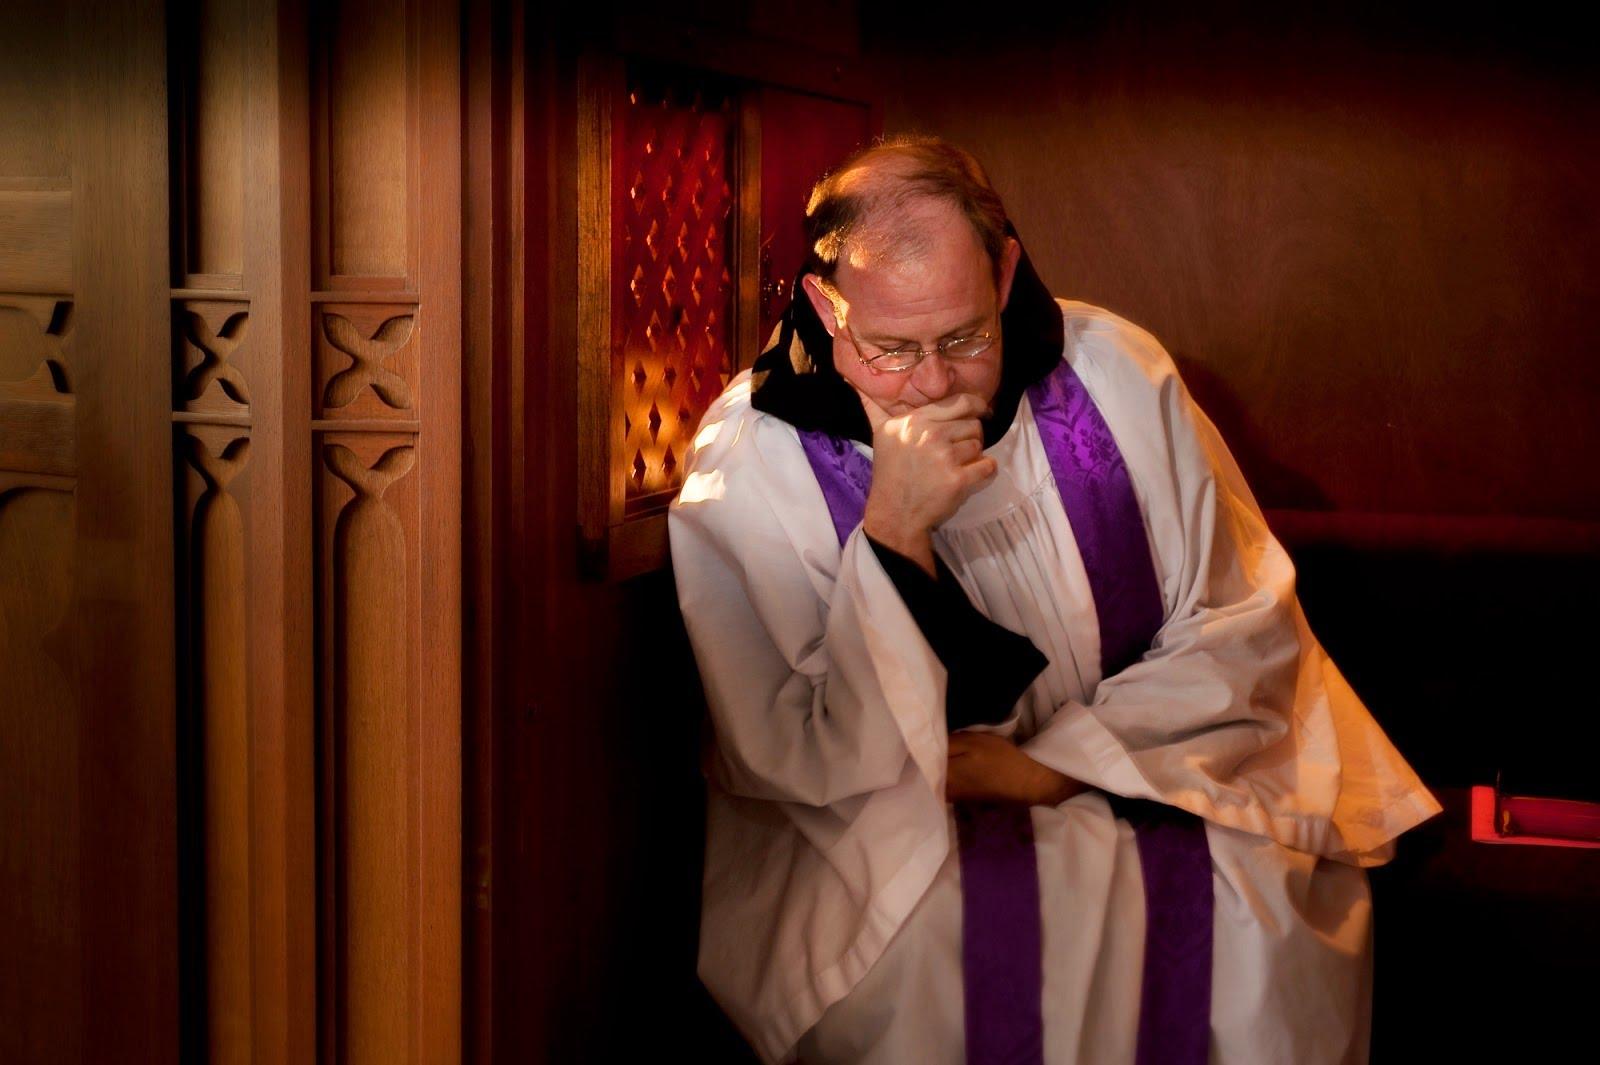 О чём конкретно и насколько подробно нужно говорить на Исповеди?